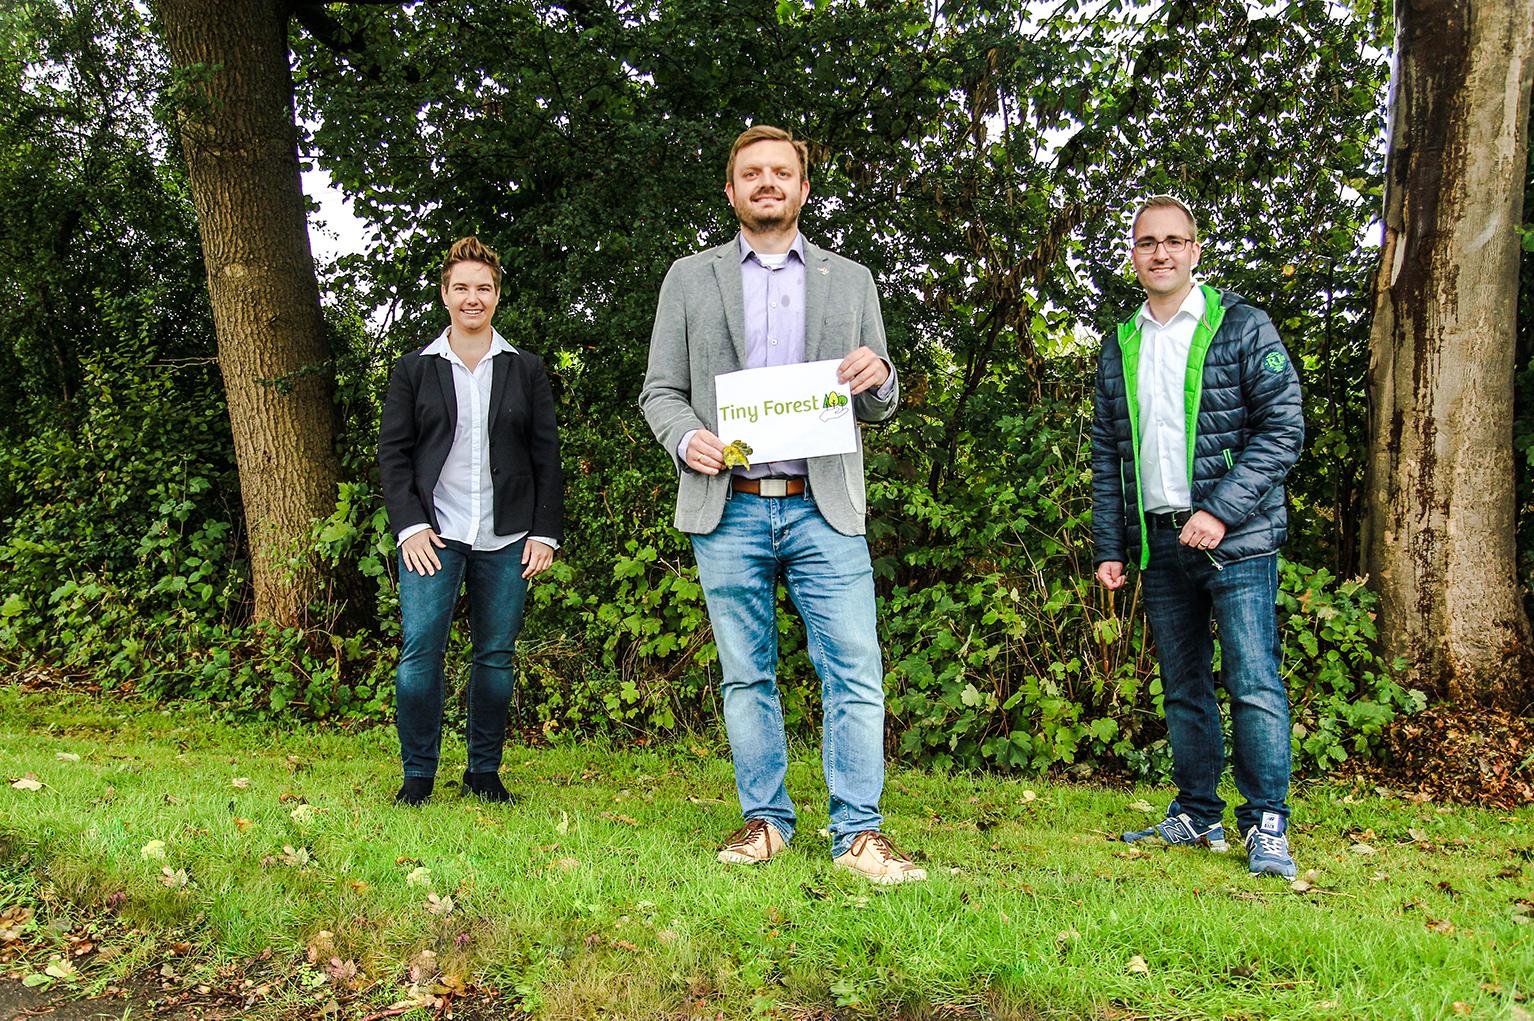 CO2-Bindung für den Klimaschutz, Projekt Tiny Forest